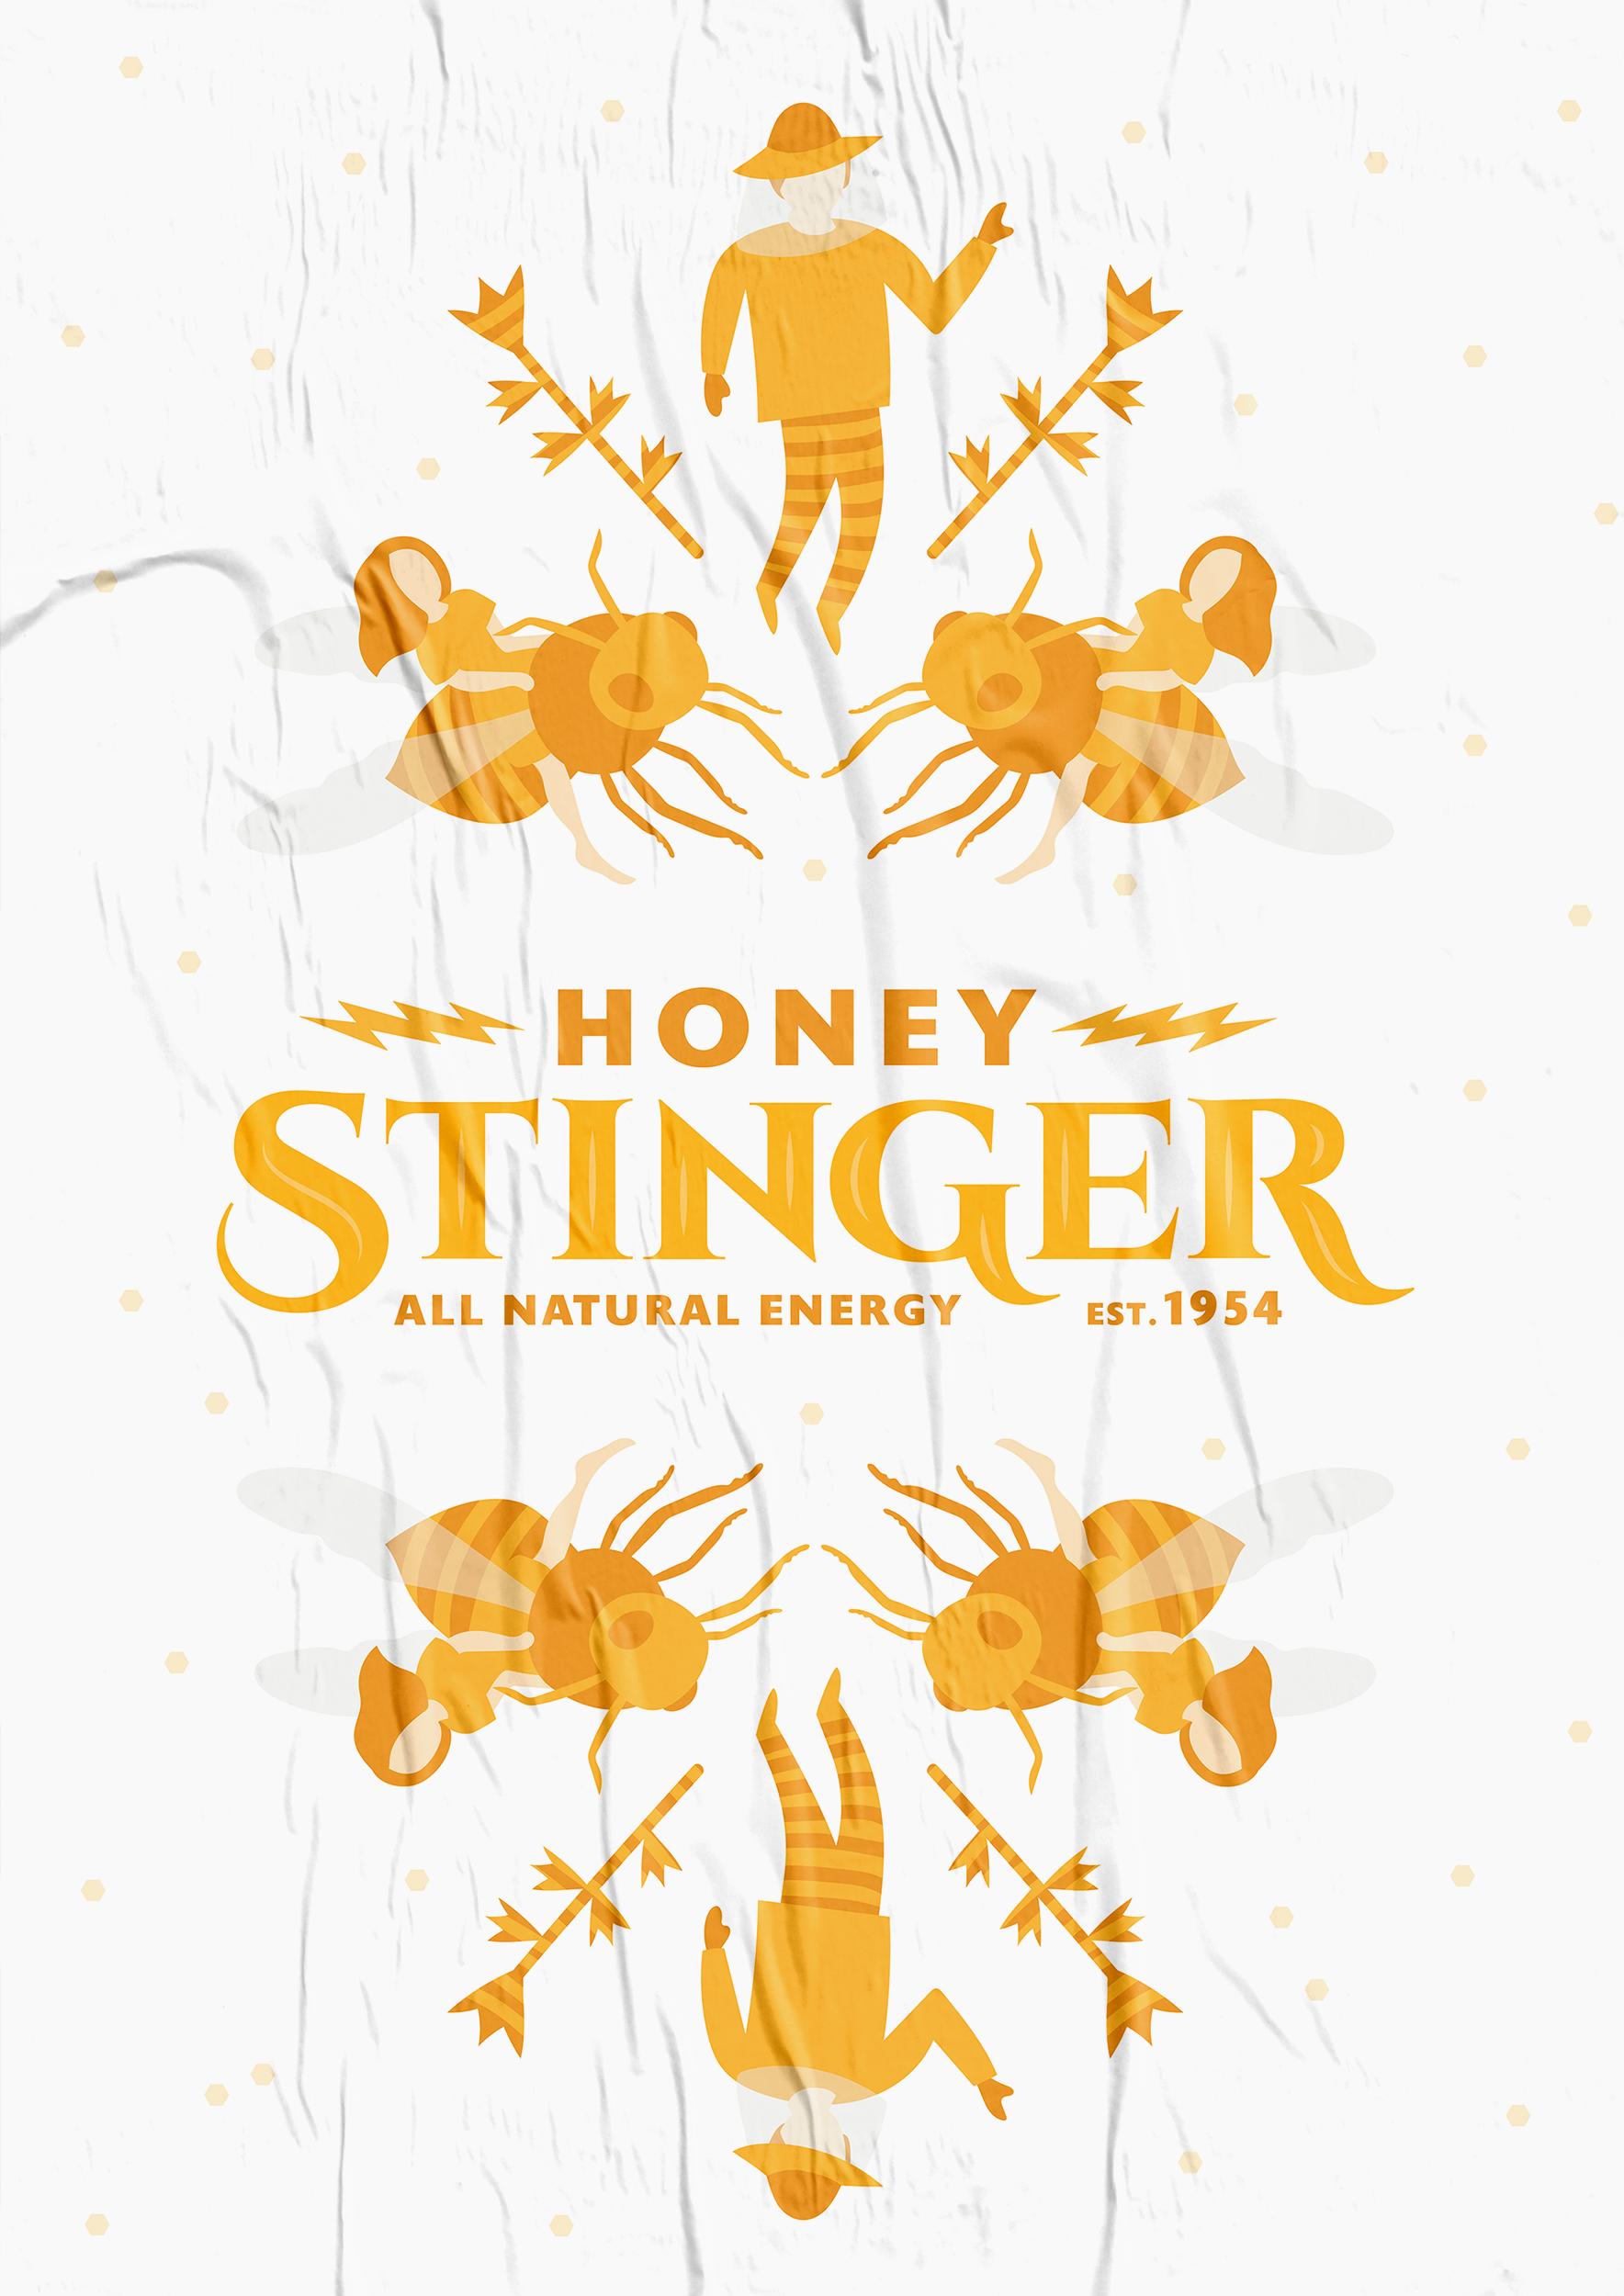 Honey Stinger Poster 3.png